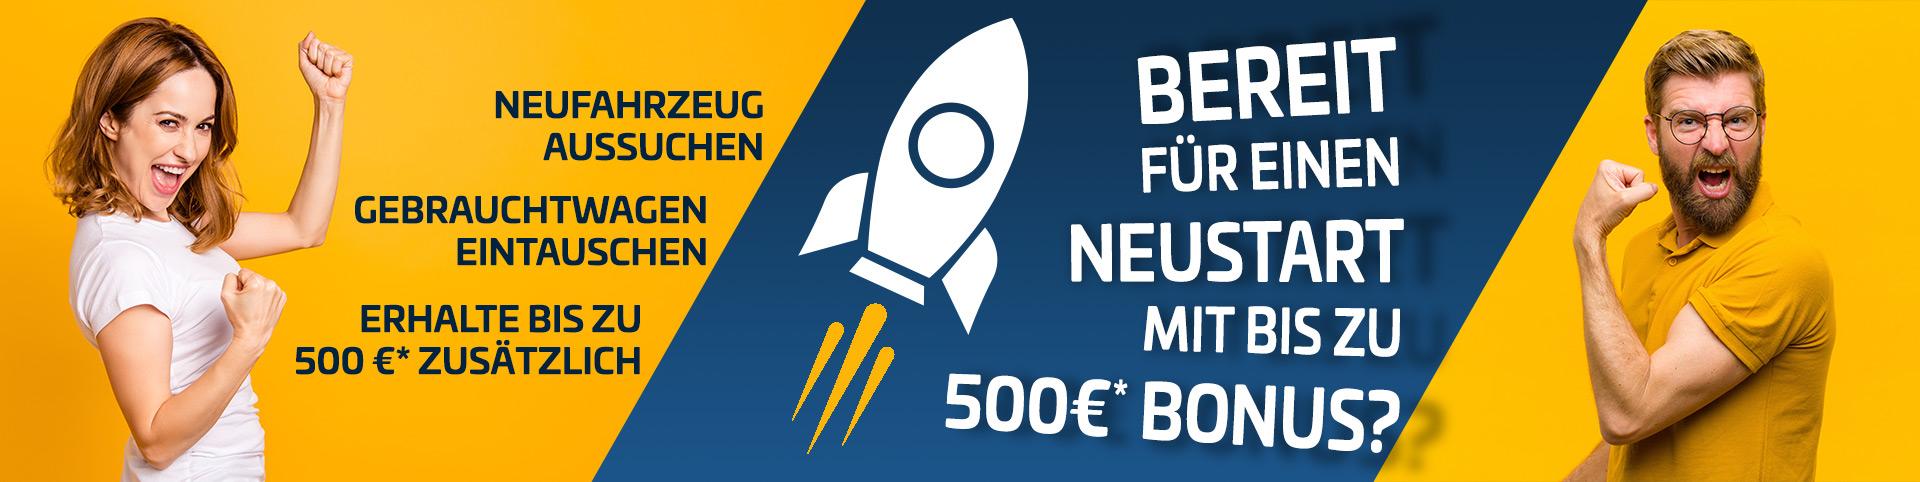 Neustart-Bonus bis zu 500 €